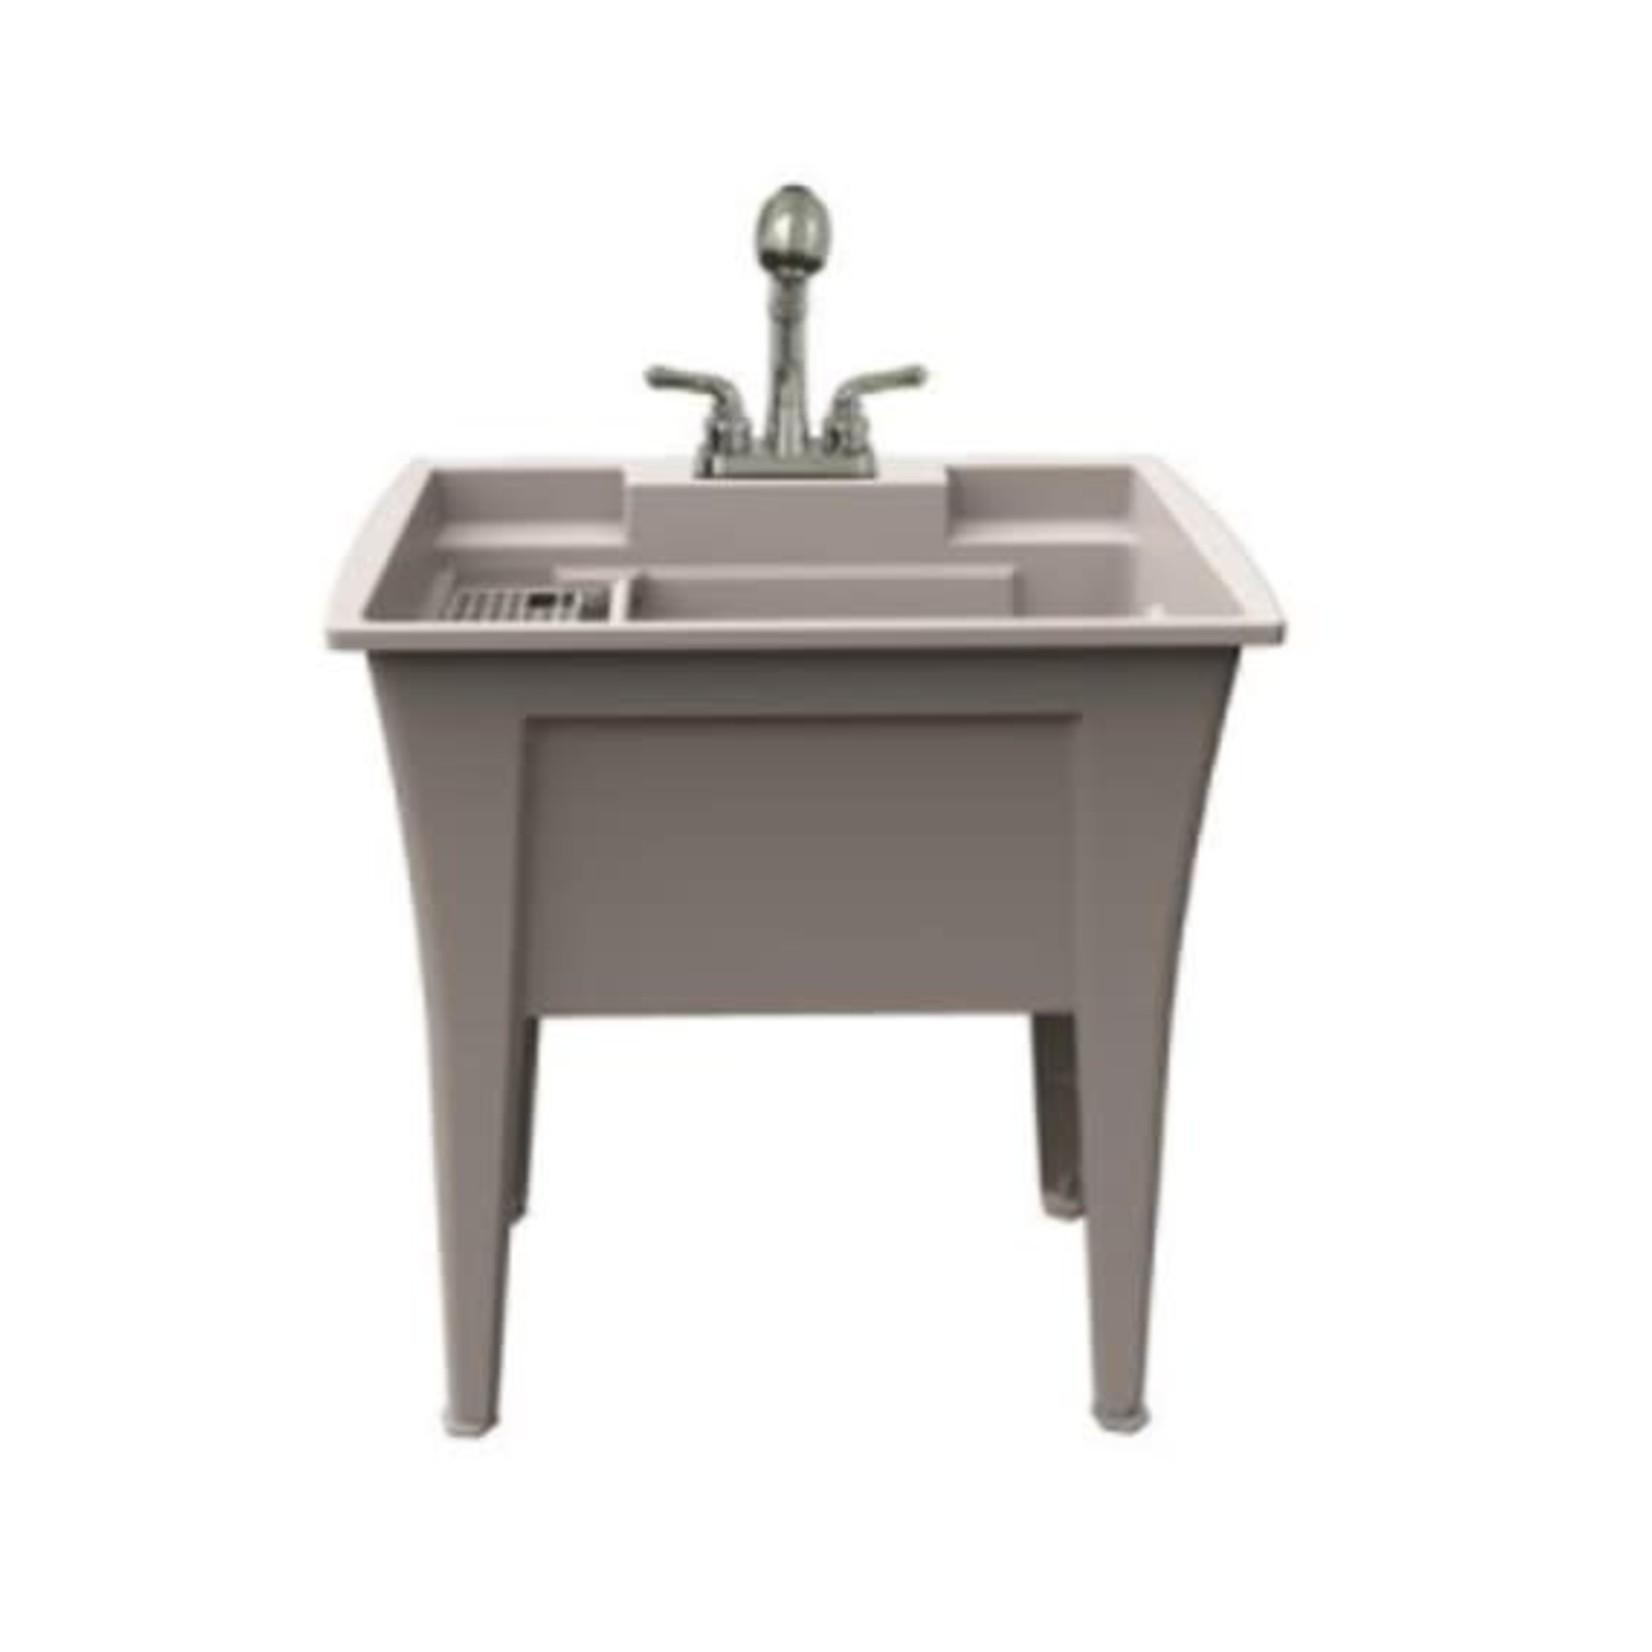 Cuve de lavage 32'' Blanc A&E LT-32-01